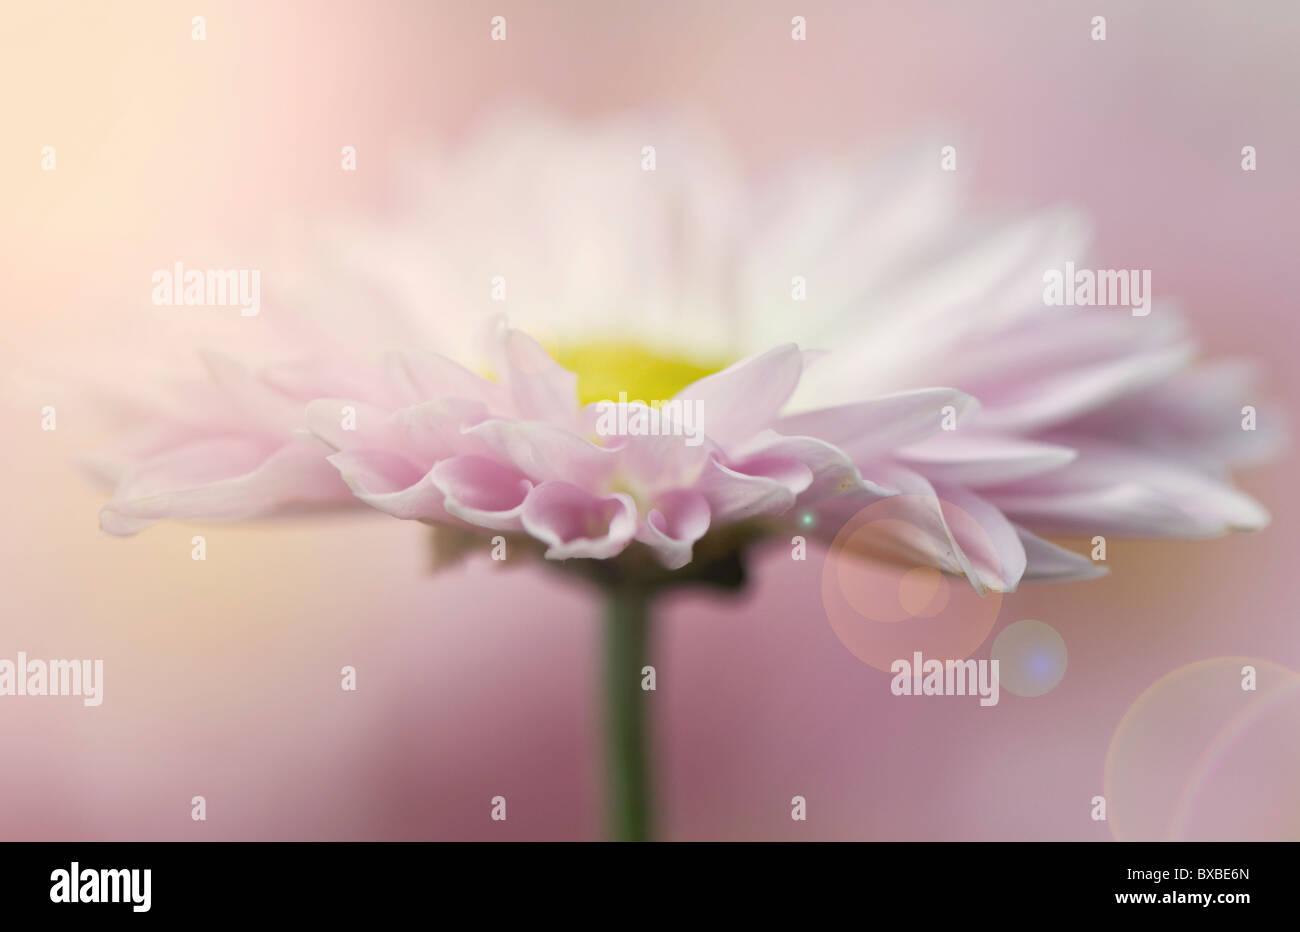 Eine einzelne Daisy Blume mit kreativen Len Flare - Sun Flare Stockbild